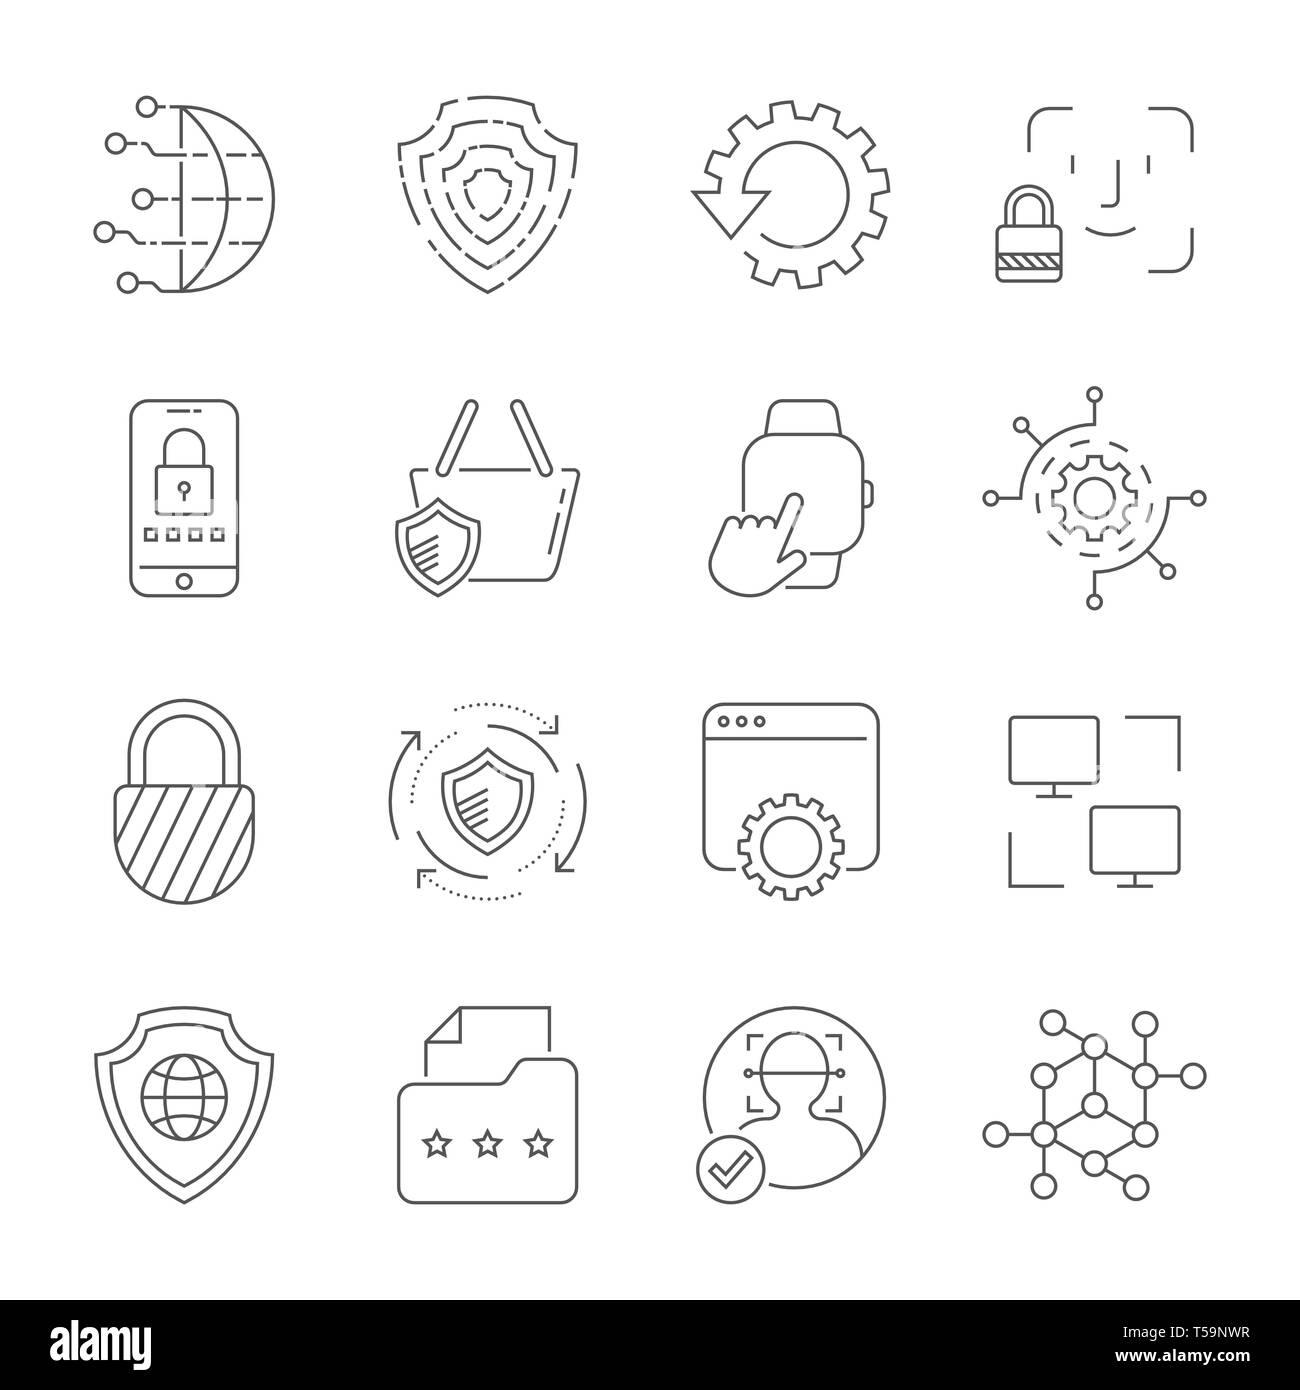 Die digitale Technologie, Sicherheit, Schutz, Innovation im Cyberspace. Editierbare Schlaganfall. EPS 10. Stockbild